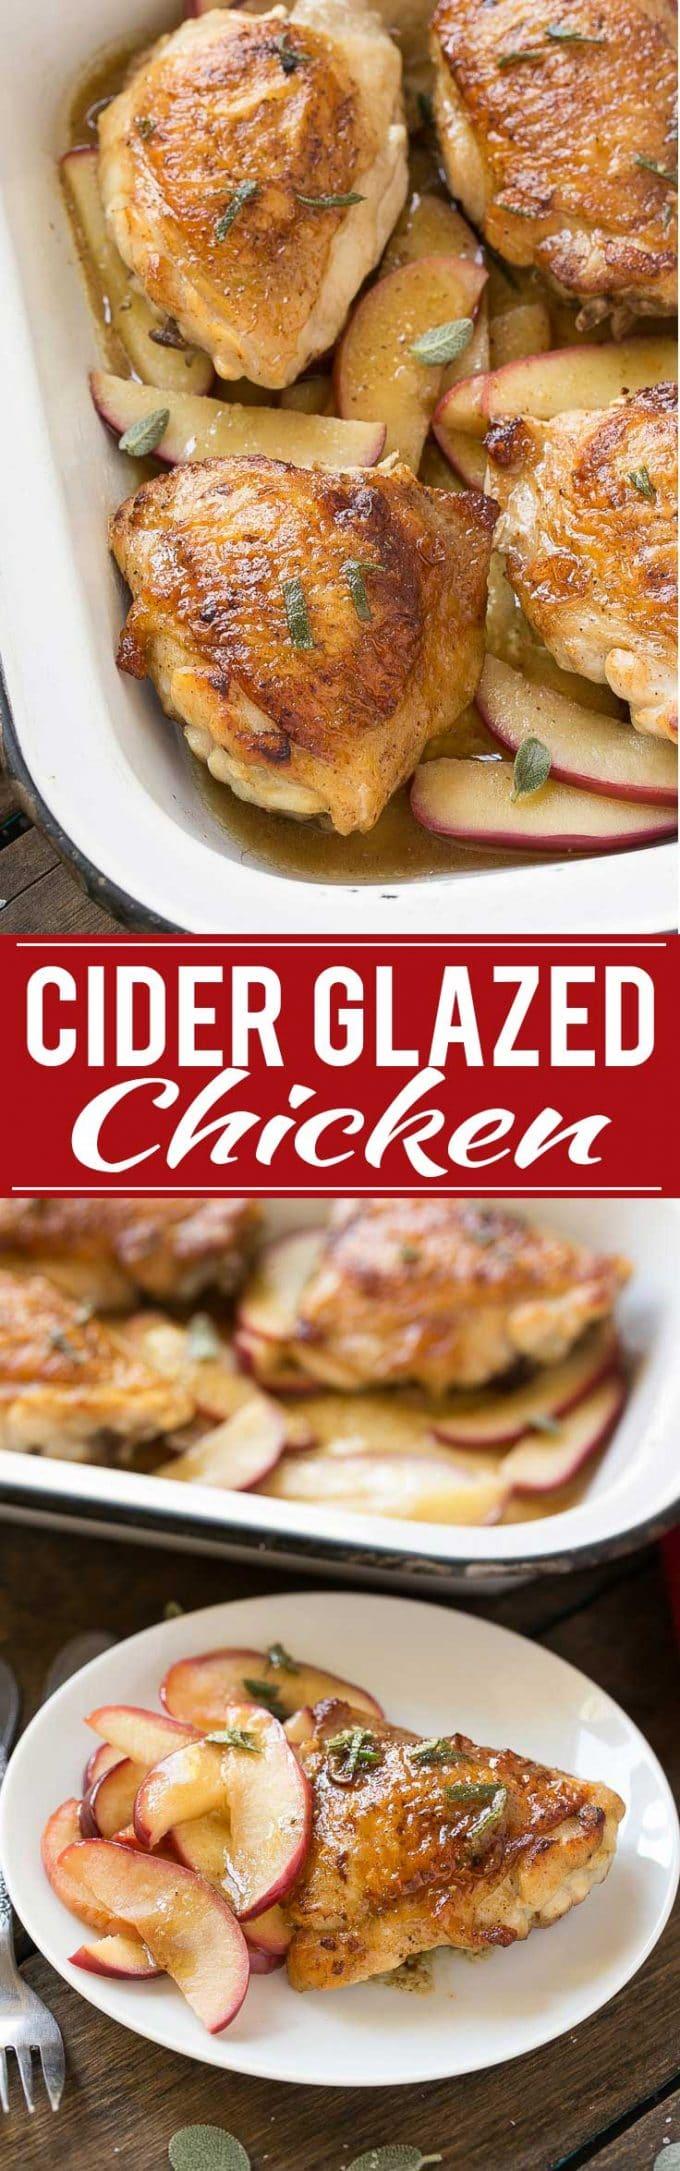 Cider Glazed Chicken Recipe   Cider Glazed Chicken   Cider Chicken   Apple Cider Chicken   Apple Chicken   Best Cider Glazed Chicken   Easy Cider Glazed Chicken